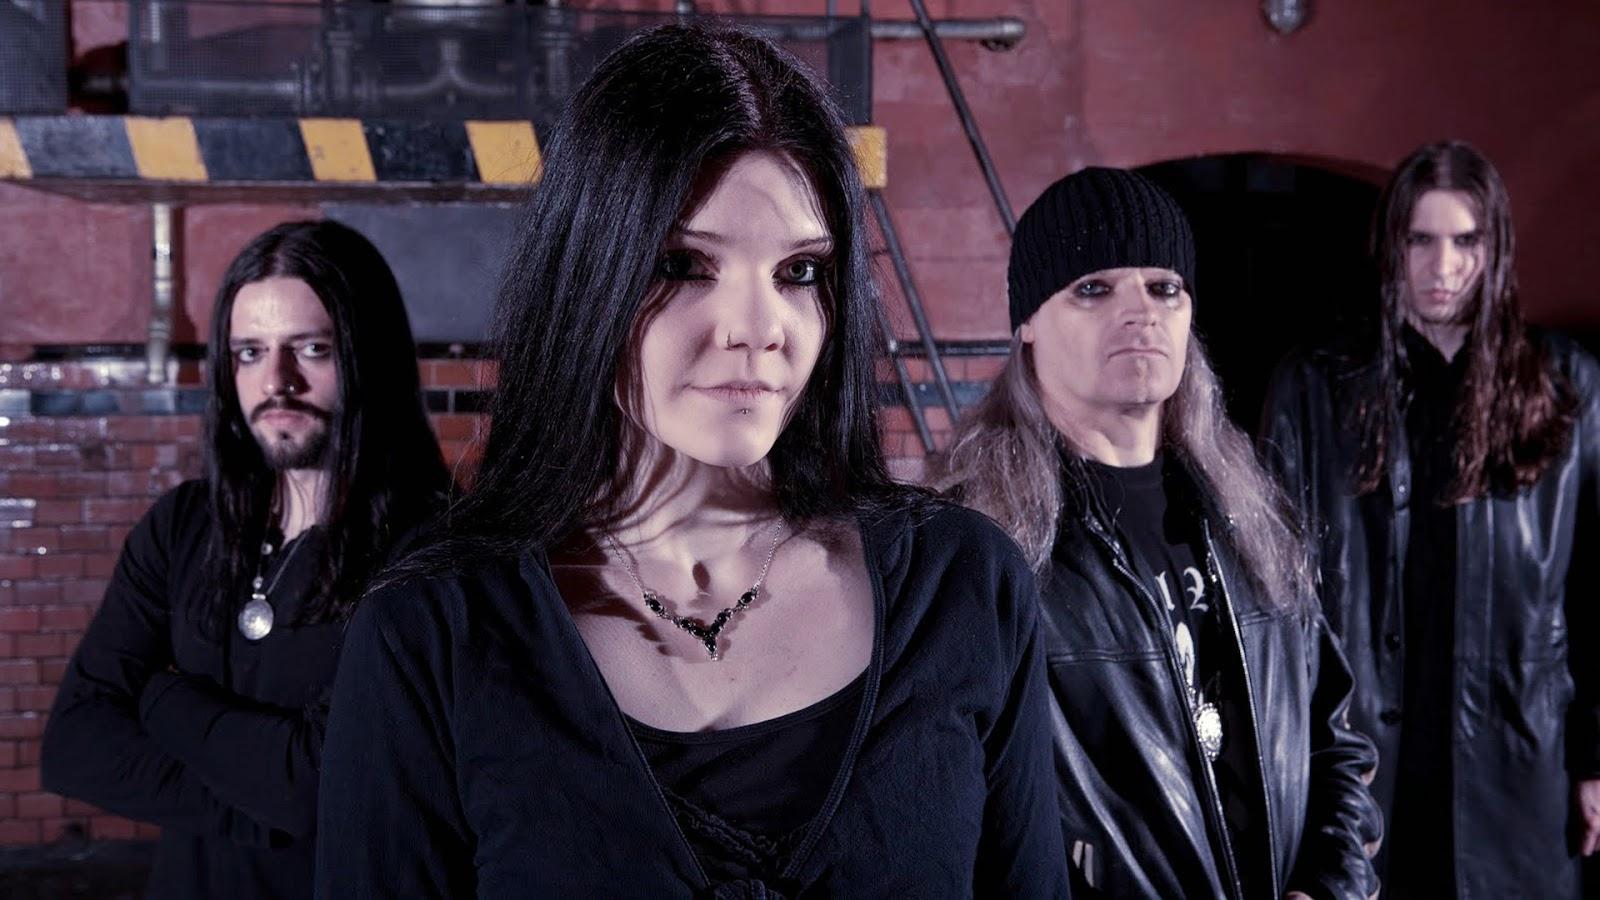 triptykon - band